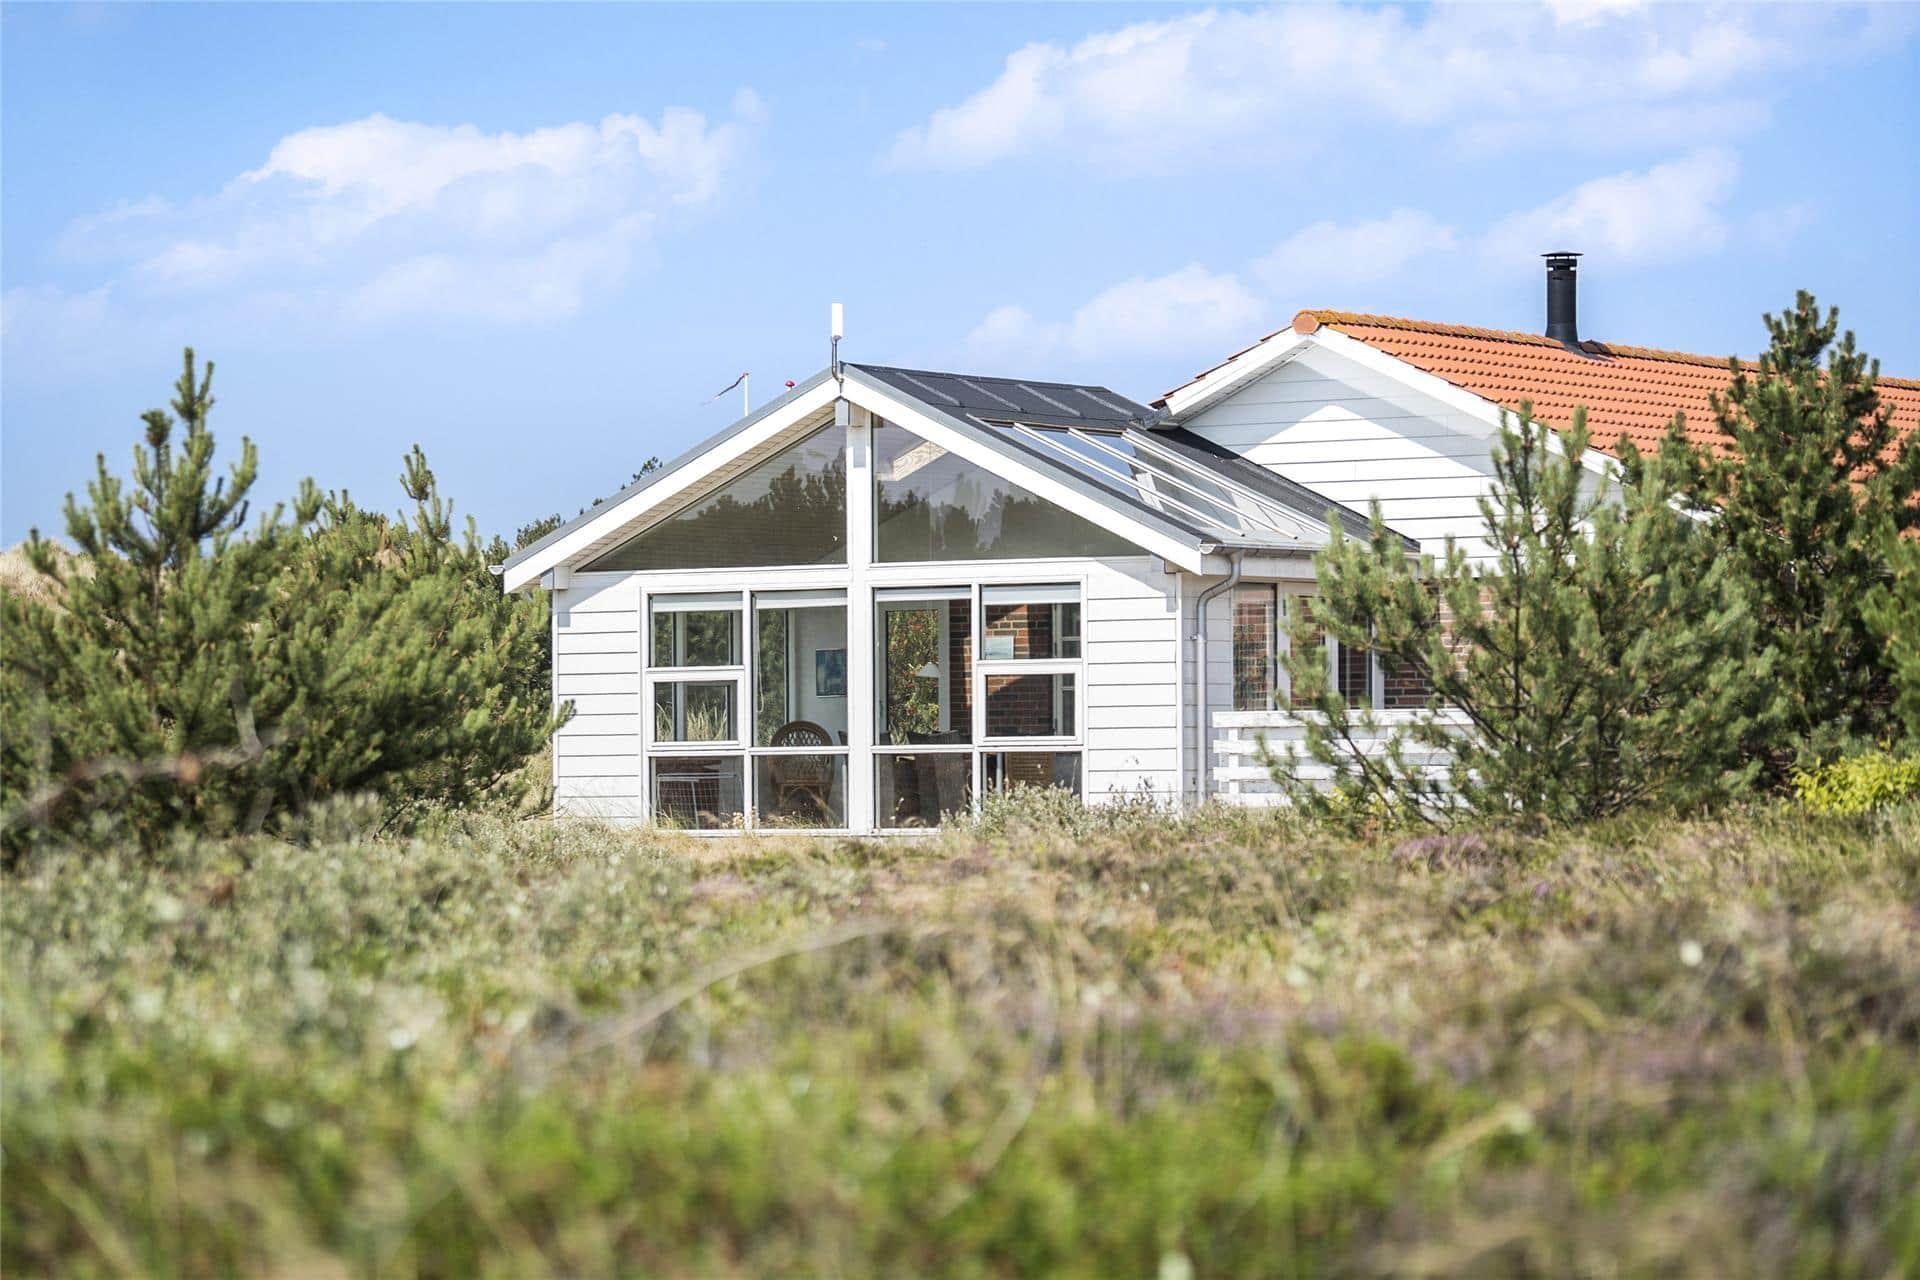 Bild 1-125 Ferienhaus 2188, Storkevej 4, DK - 6854 Henne